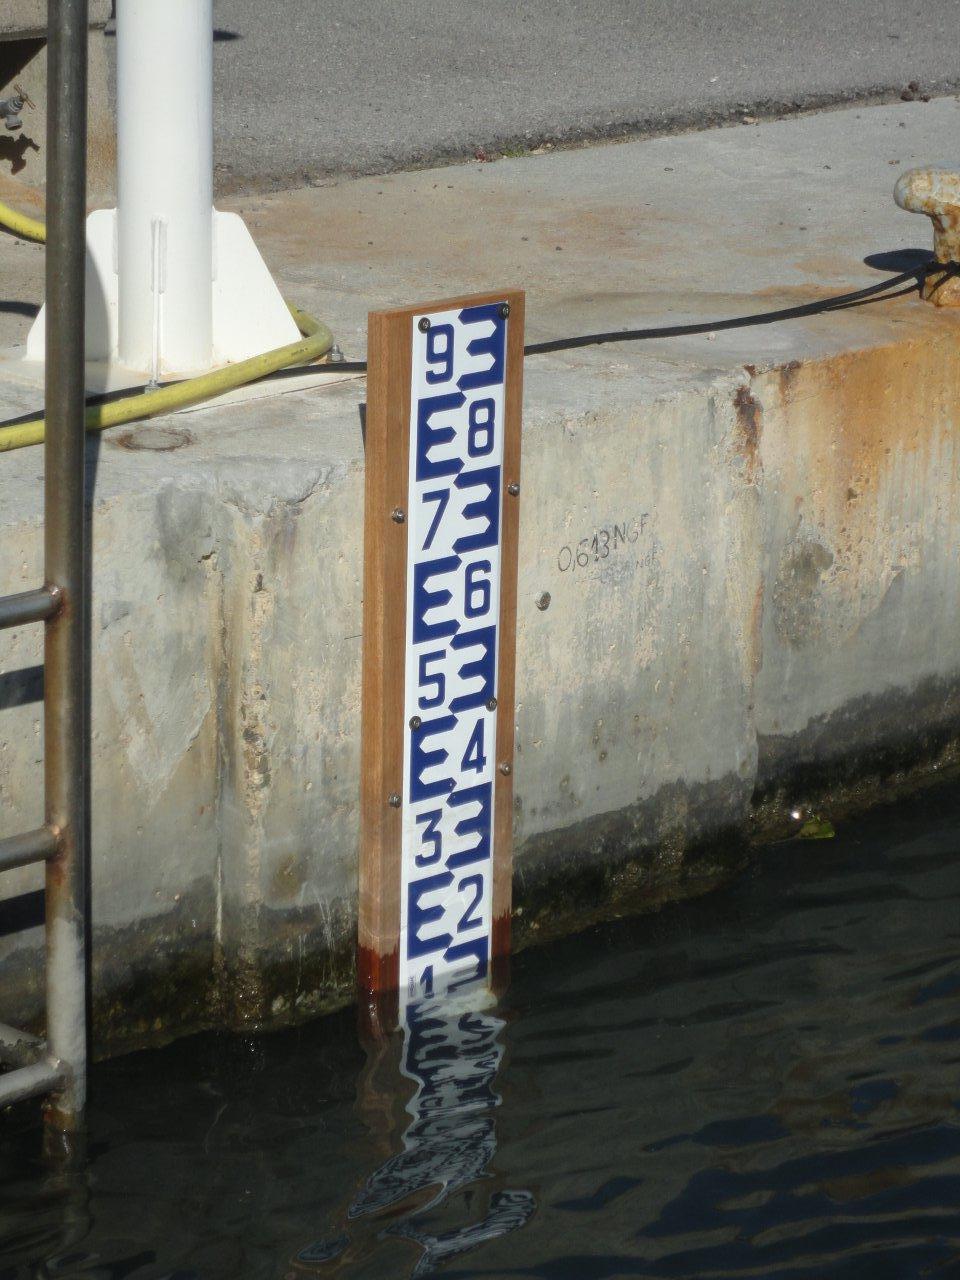 Port camargue port camargue refmar - Capitainerie de port camargue ...